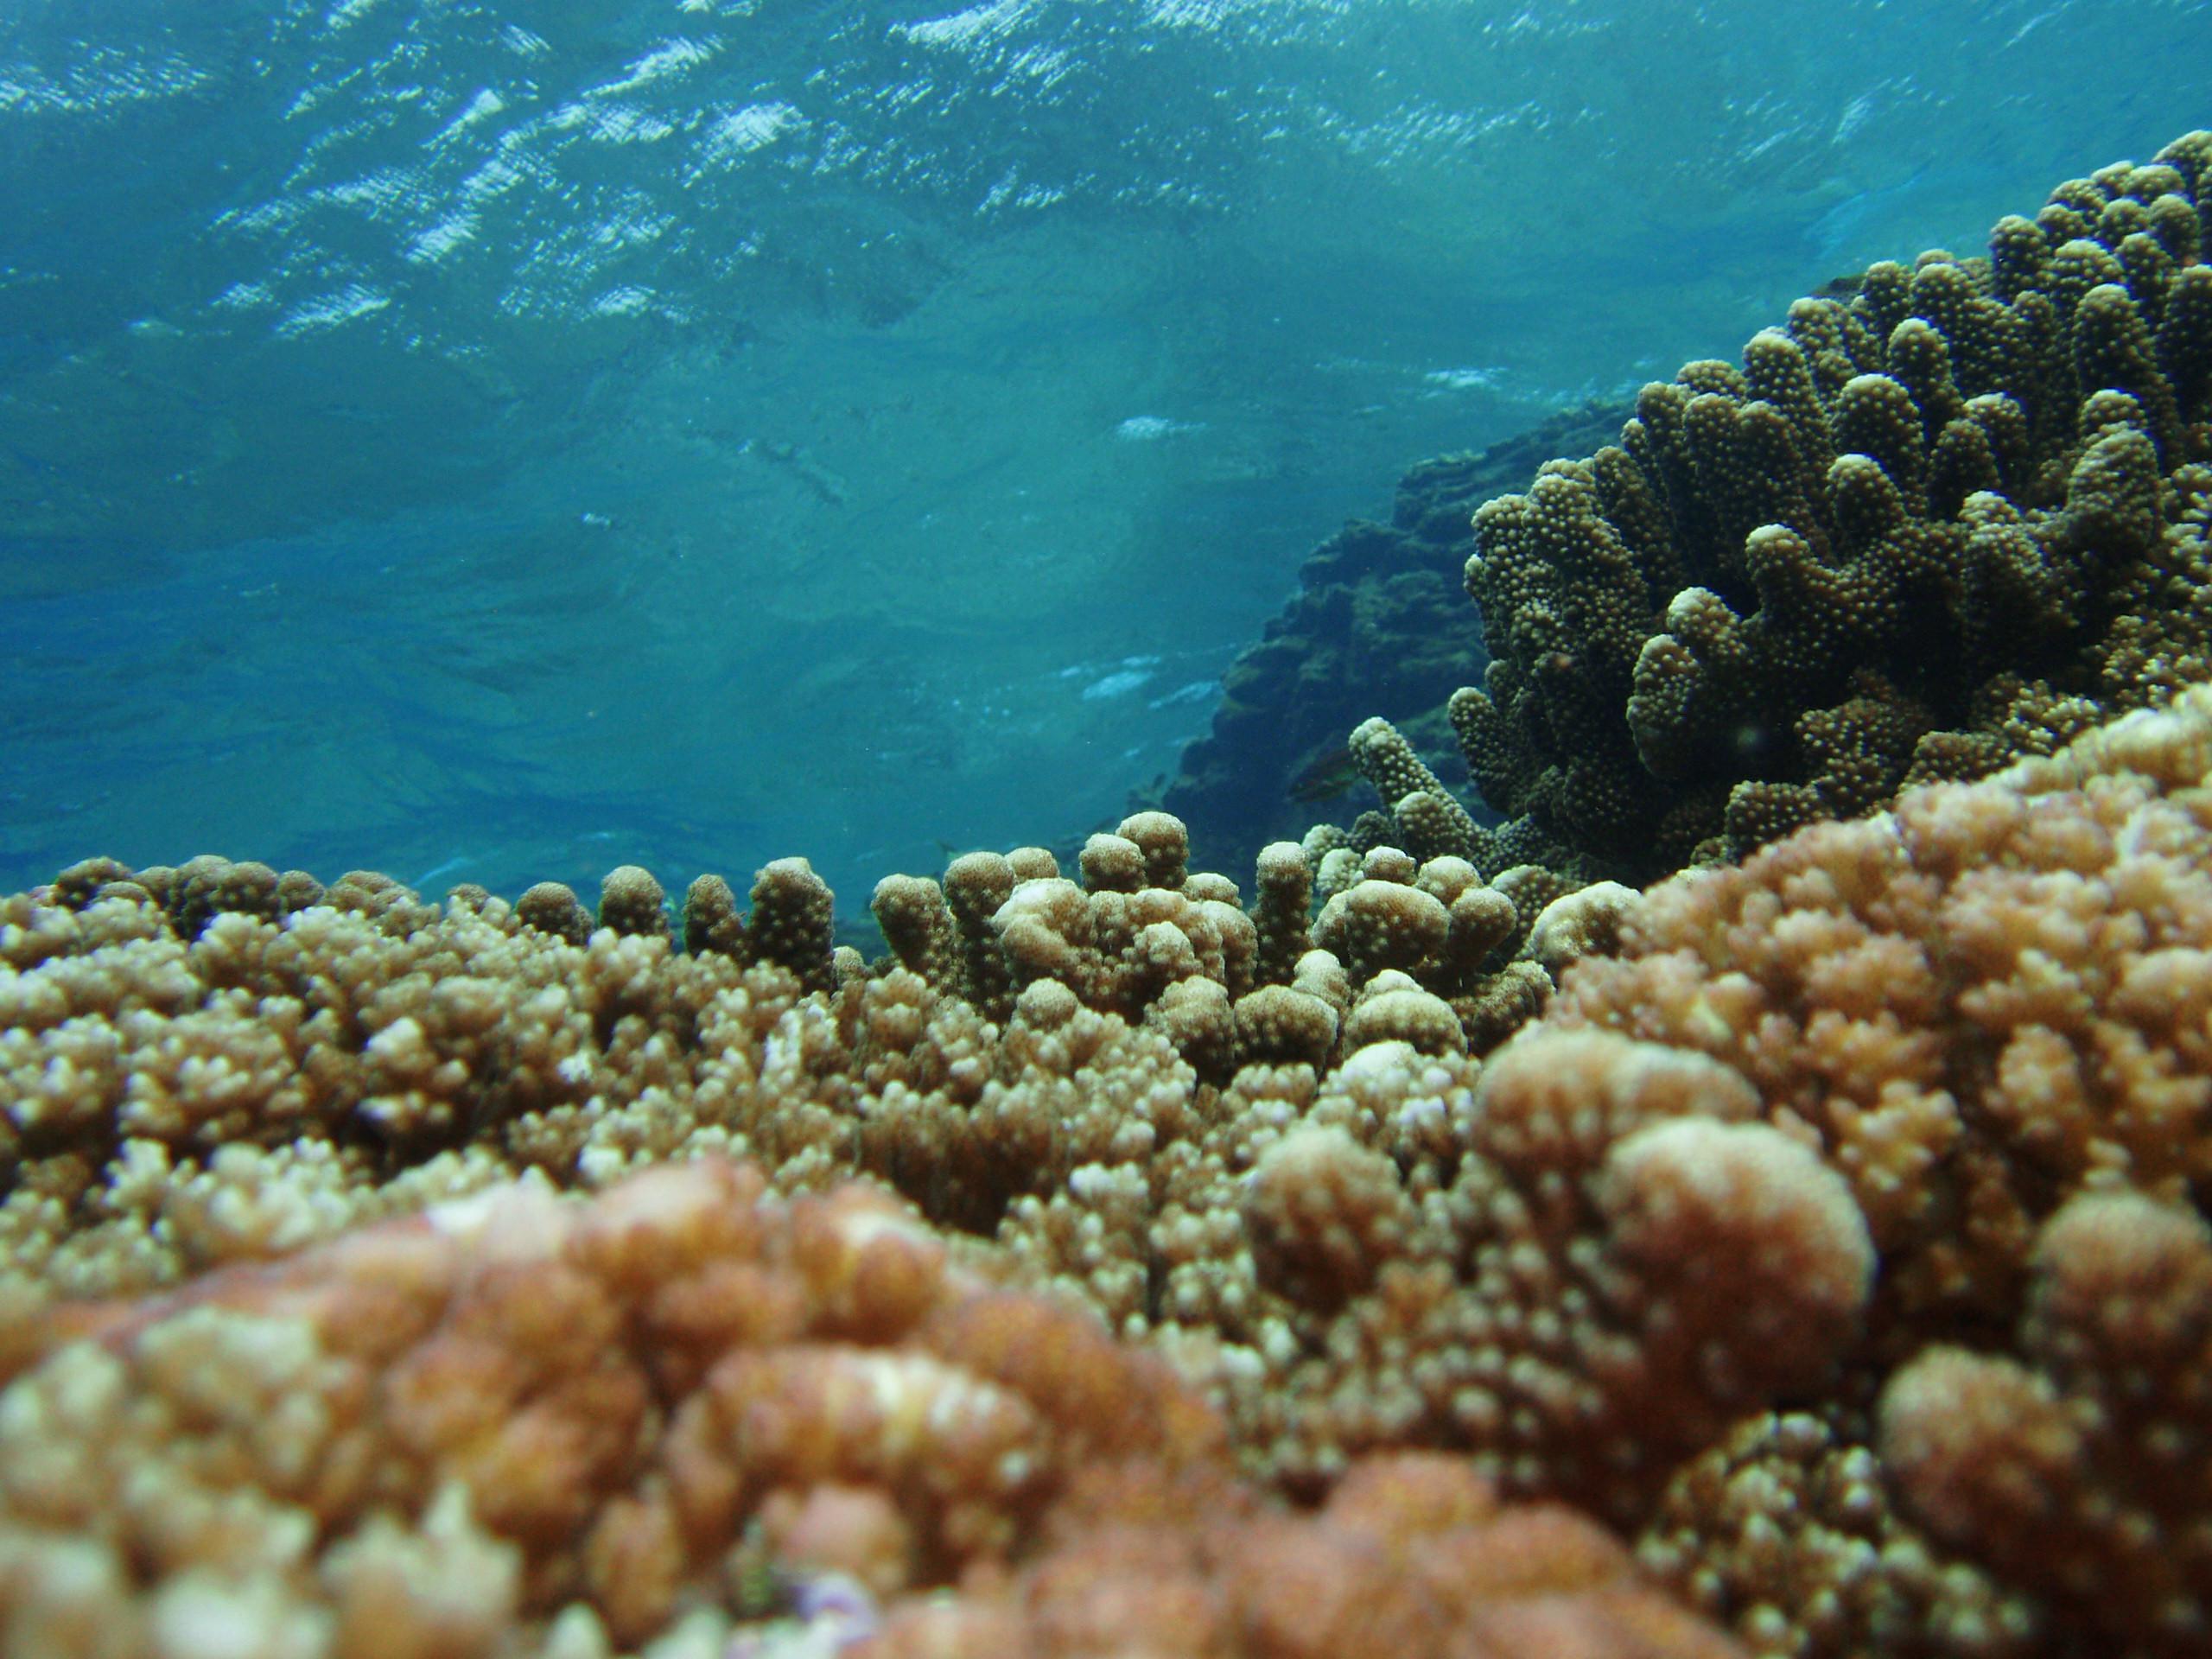 10月15日 ポイント1 名瀬隠れ根 ポイント2 佐久原漁礁 ポイント3 北浜 水温27℃ 透明度25m〜30m